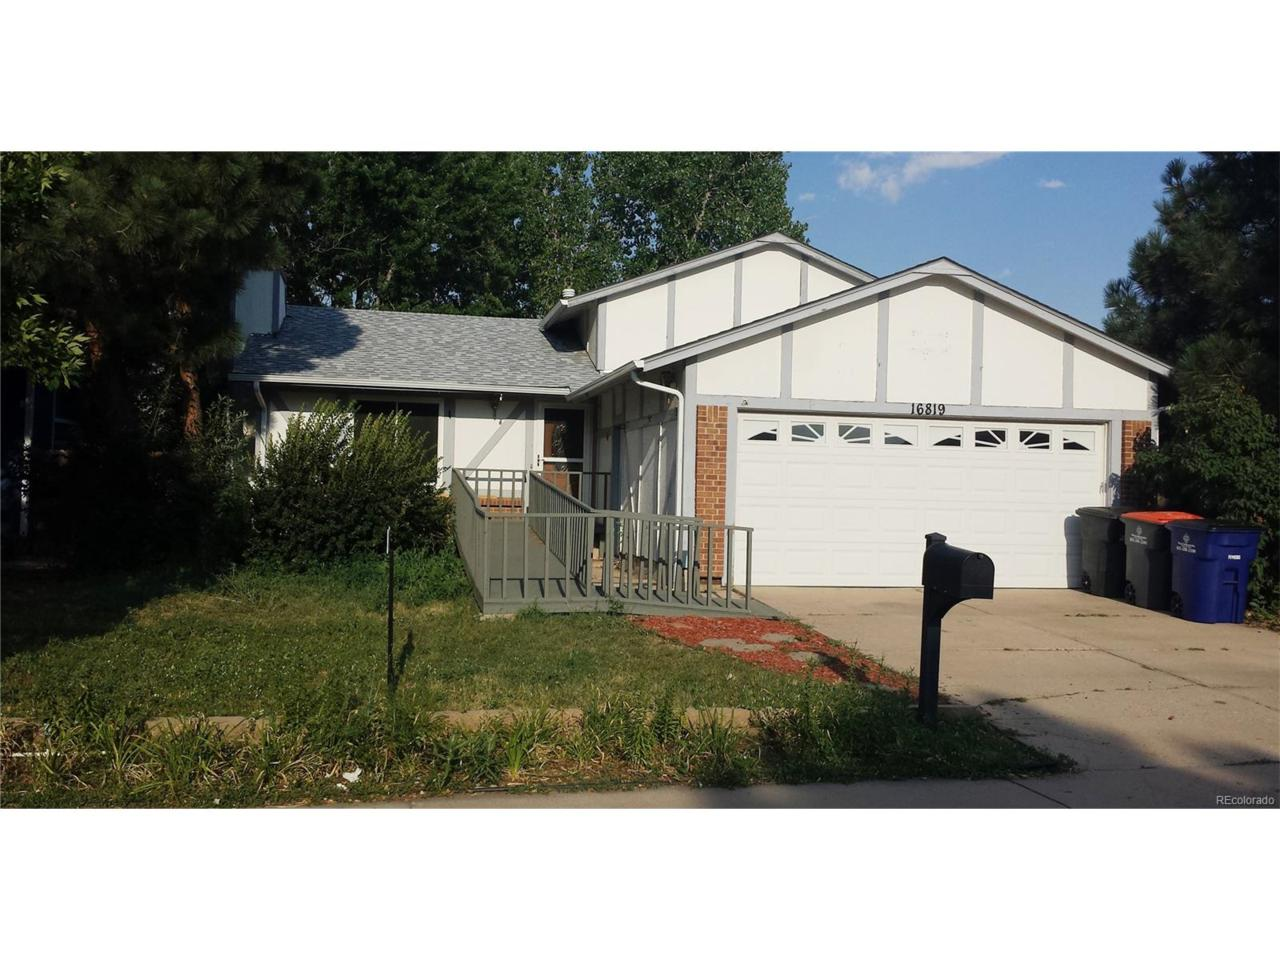 16819 E Mansfield Circle, Aurora, CO 80013 (MLS #2209559) :: 8z Real Estate